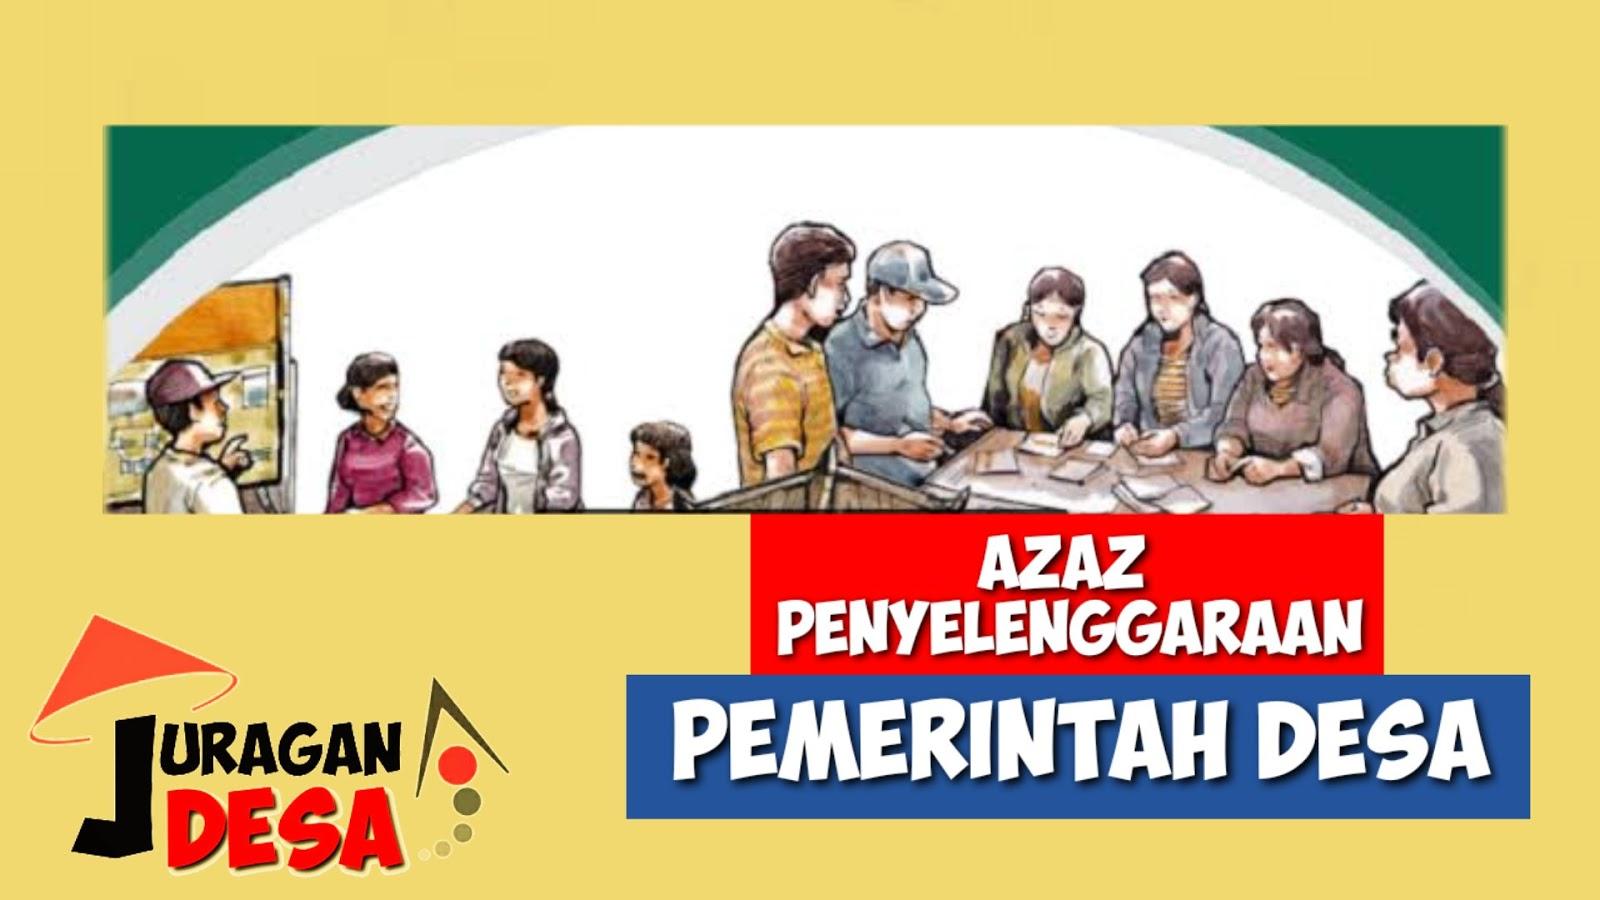 Asas Penyelenggaraan Pemerintahan Desa Dalam UU  Asas Penyelenggaraan Pemerintahan Desa Dalam UU 6/2014